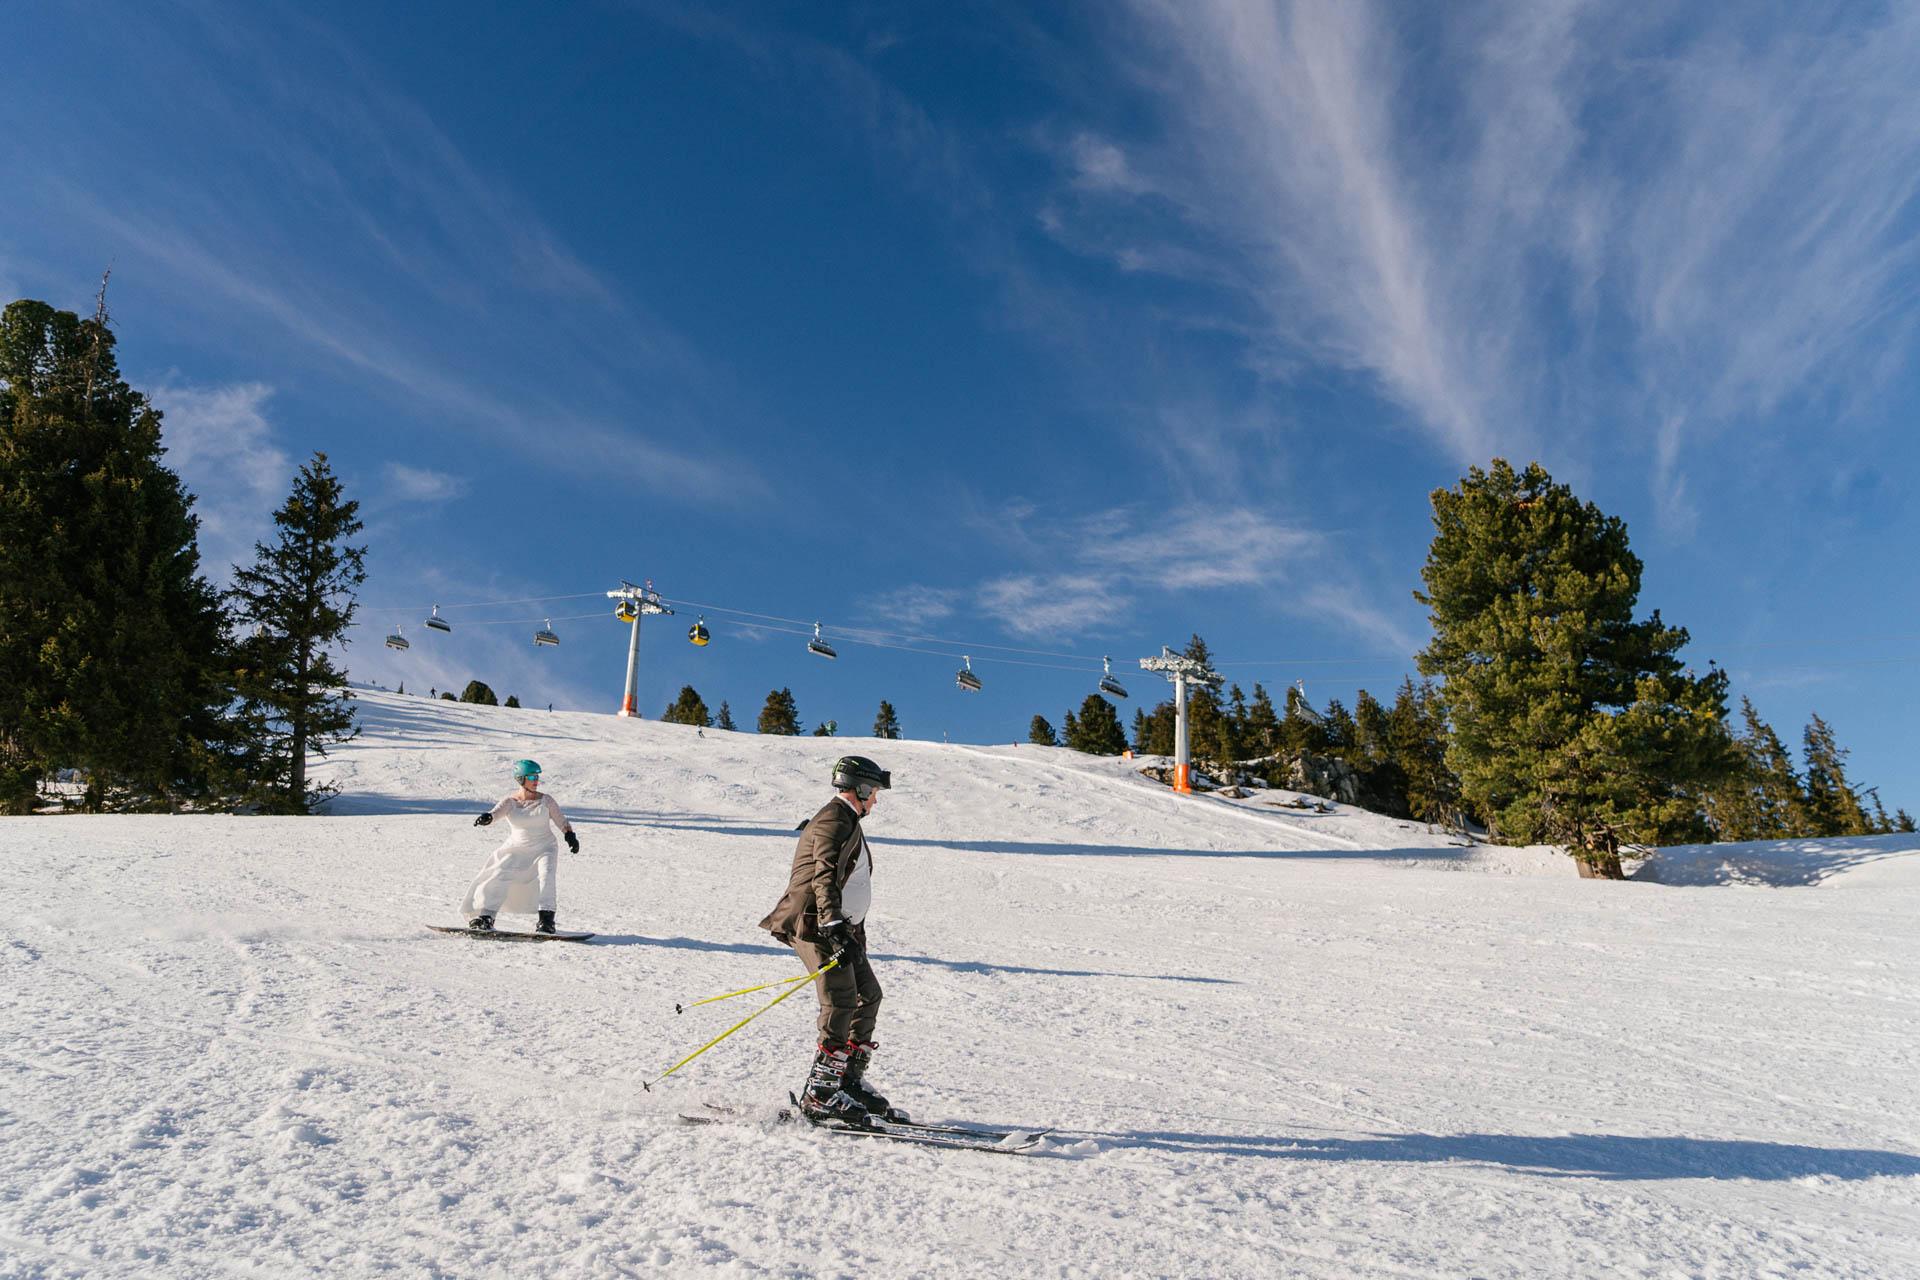 Braut auf dem Snowboard, Bräutigam auf Skiern